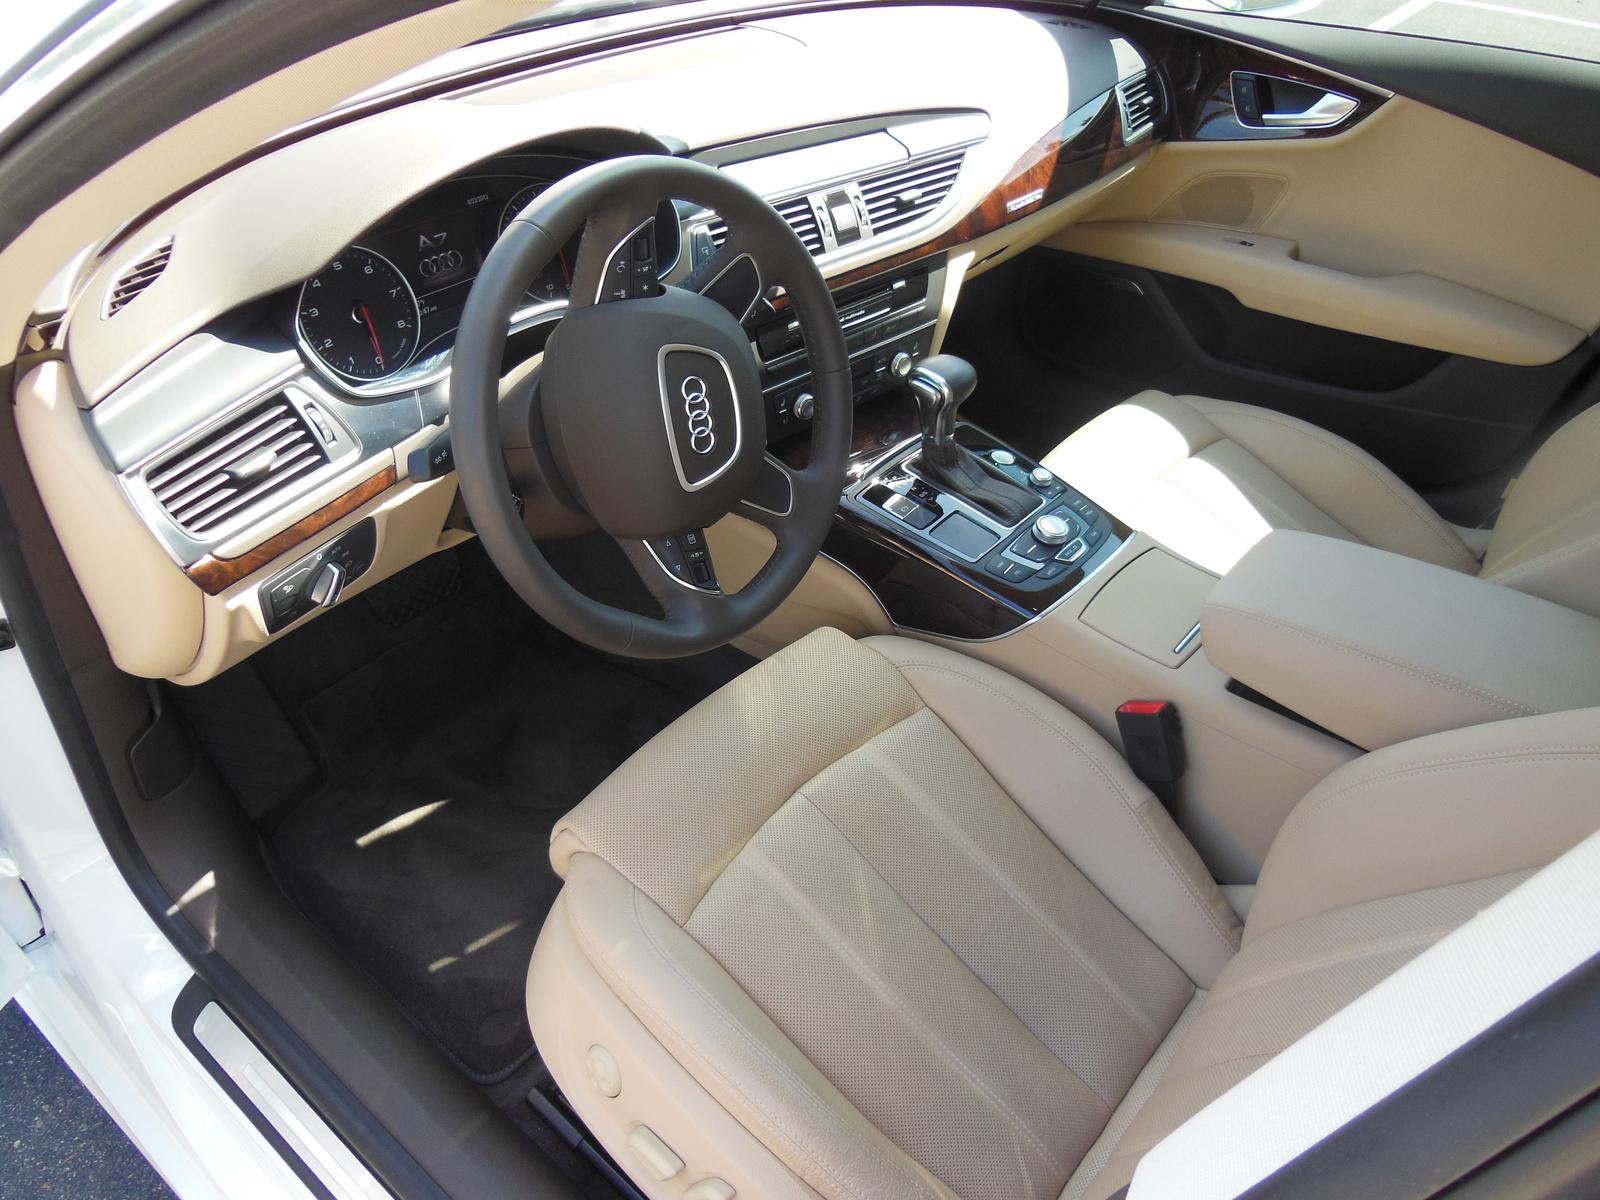 AUDI A7 QUATTRO interior